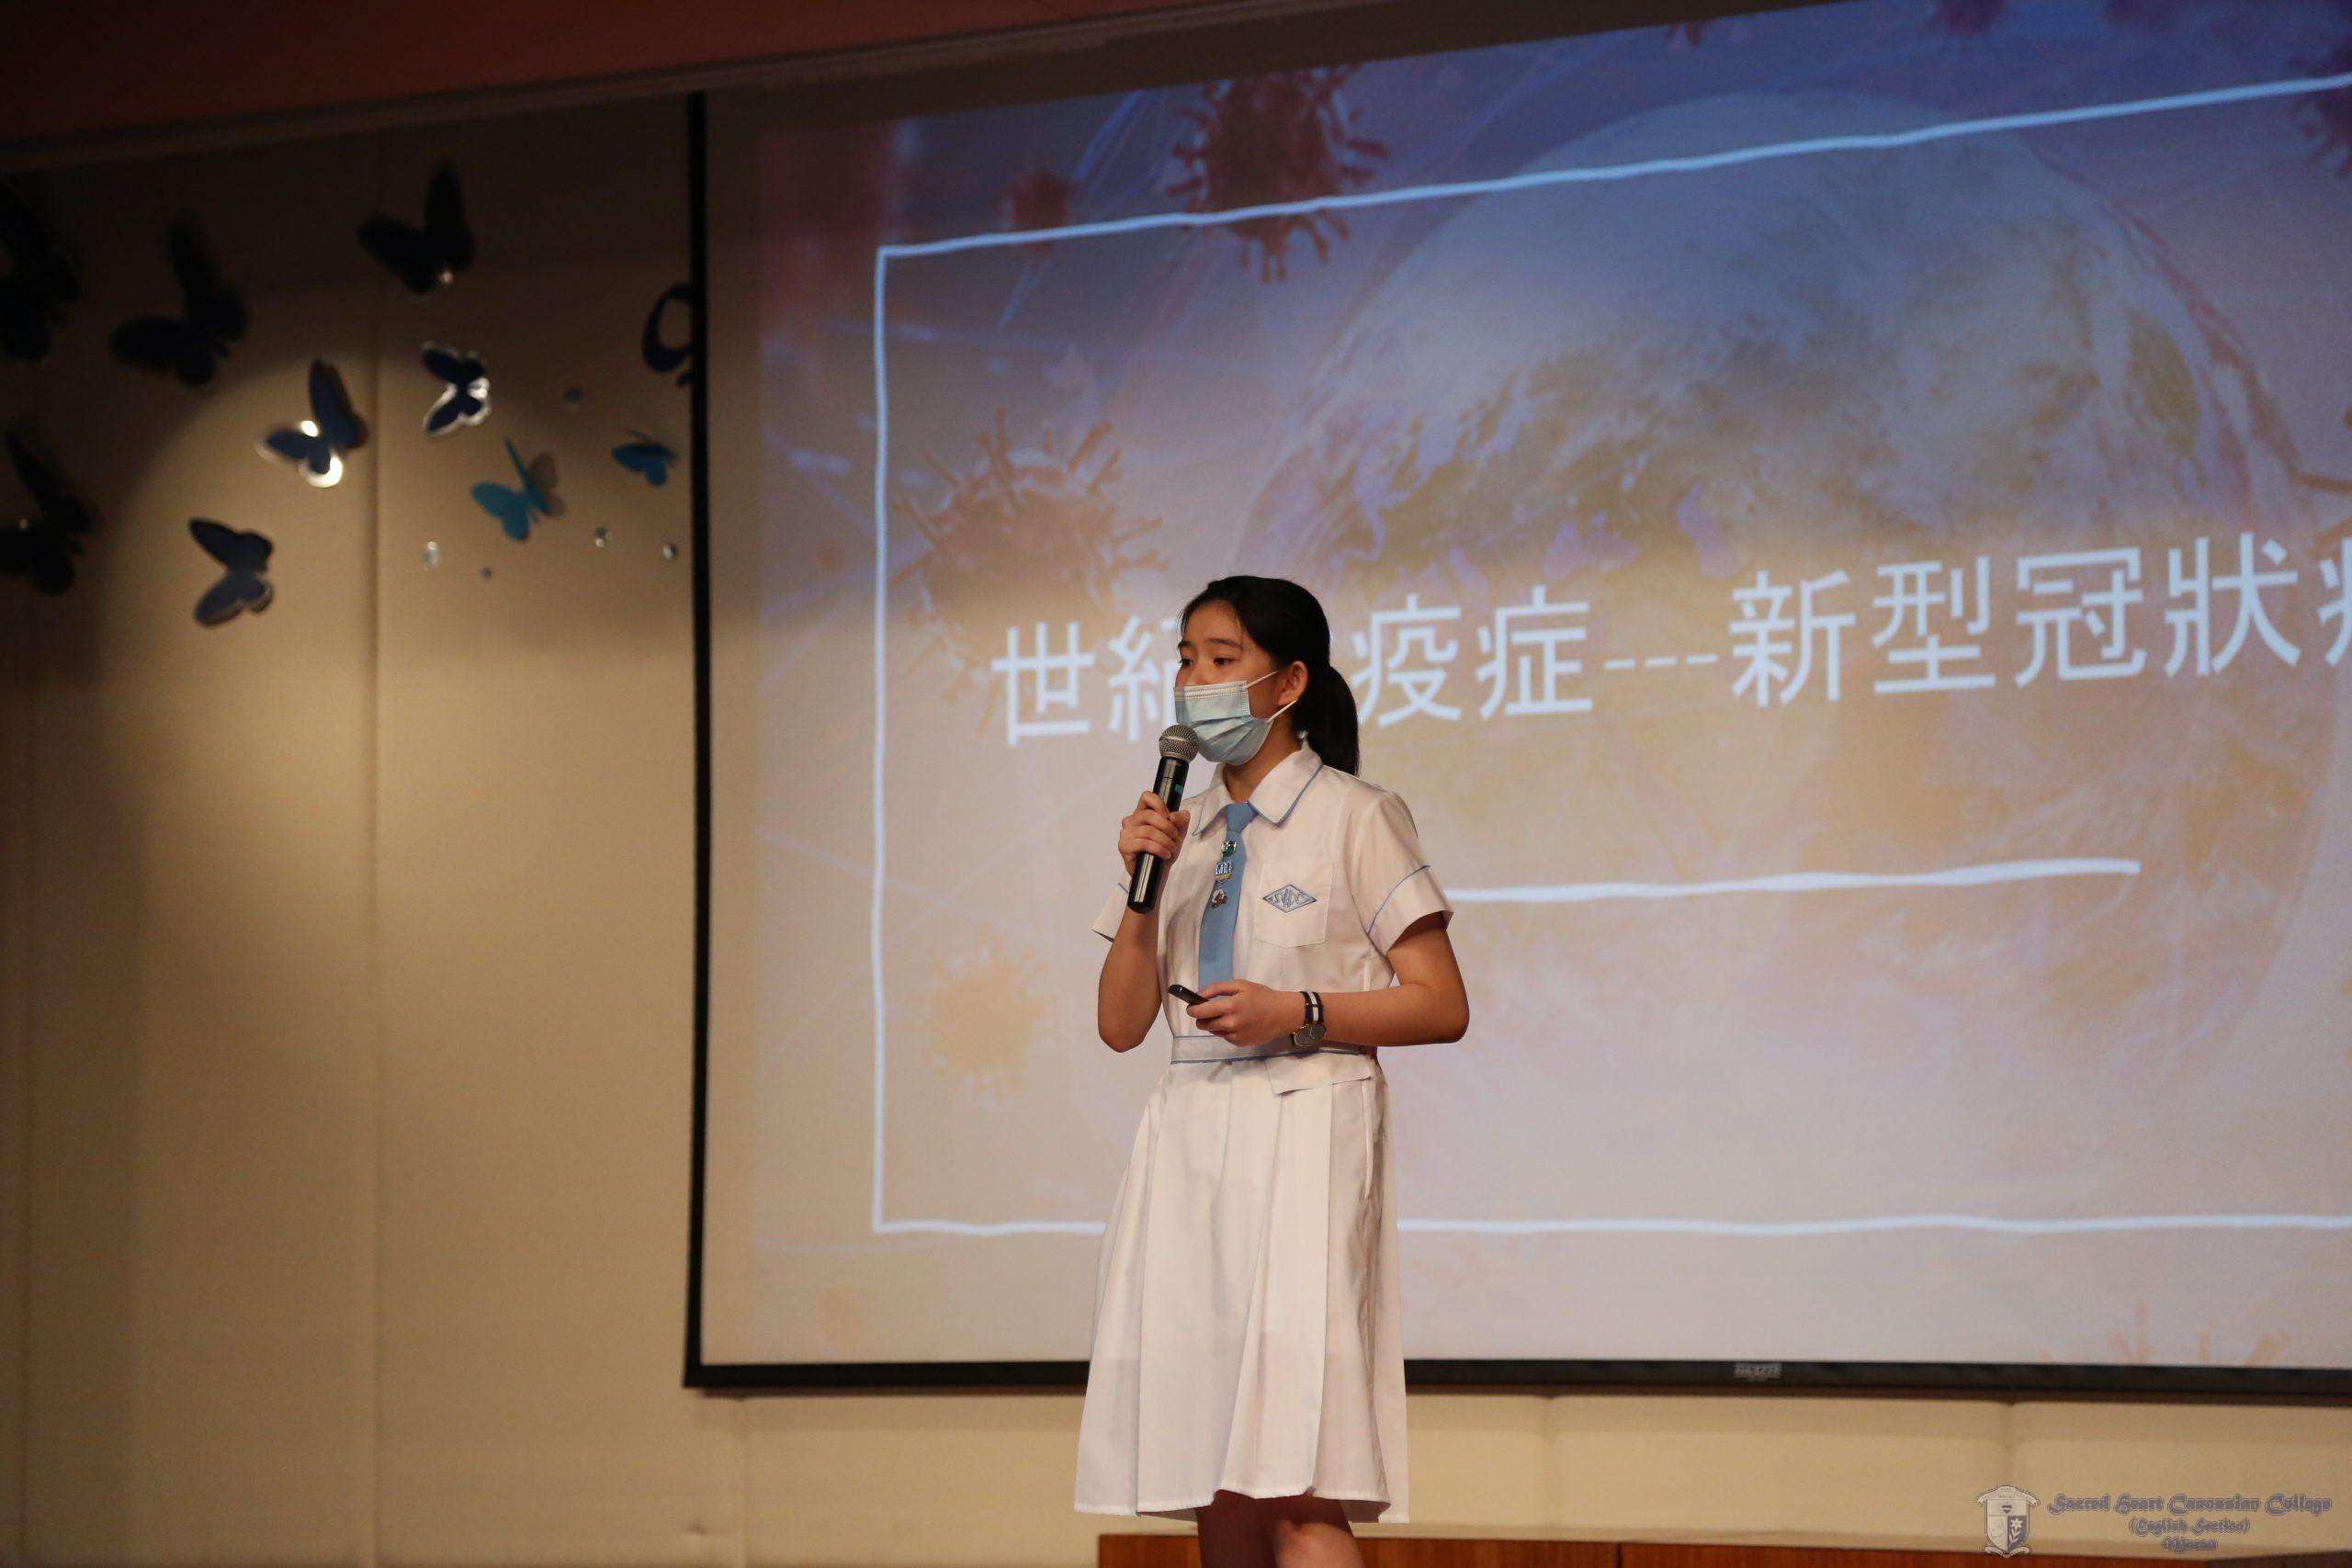 參賽者正在演講主題「一個令我感動的畫面」